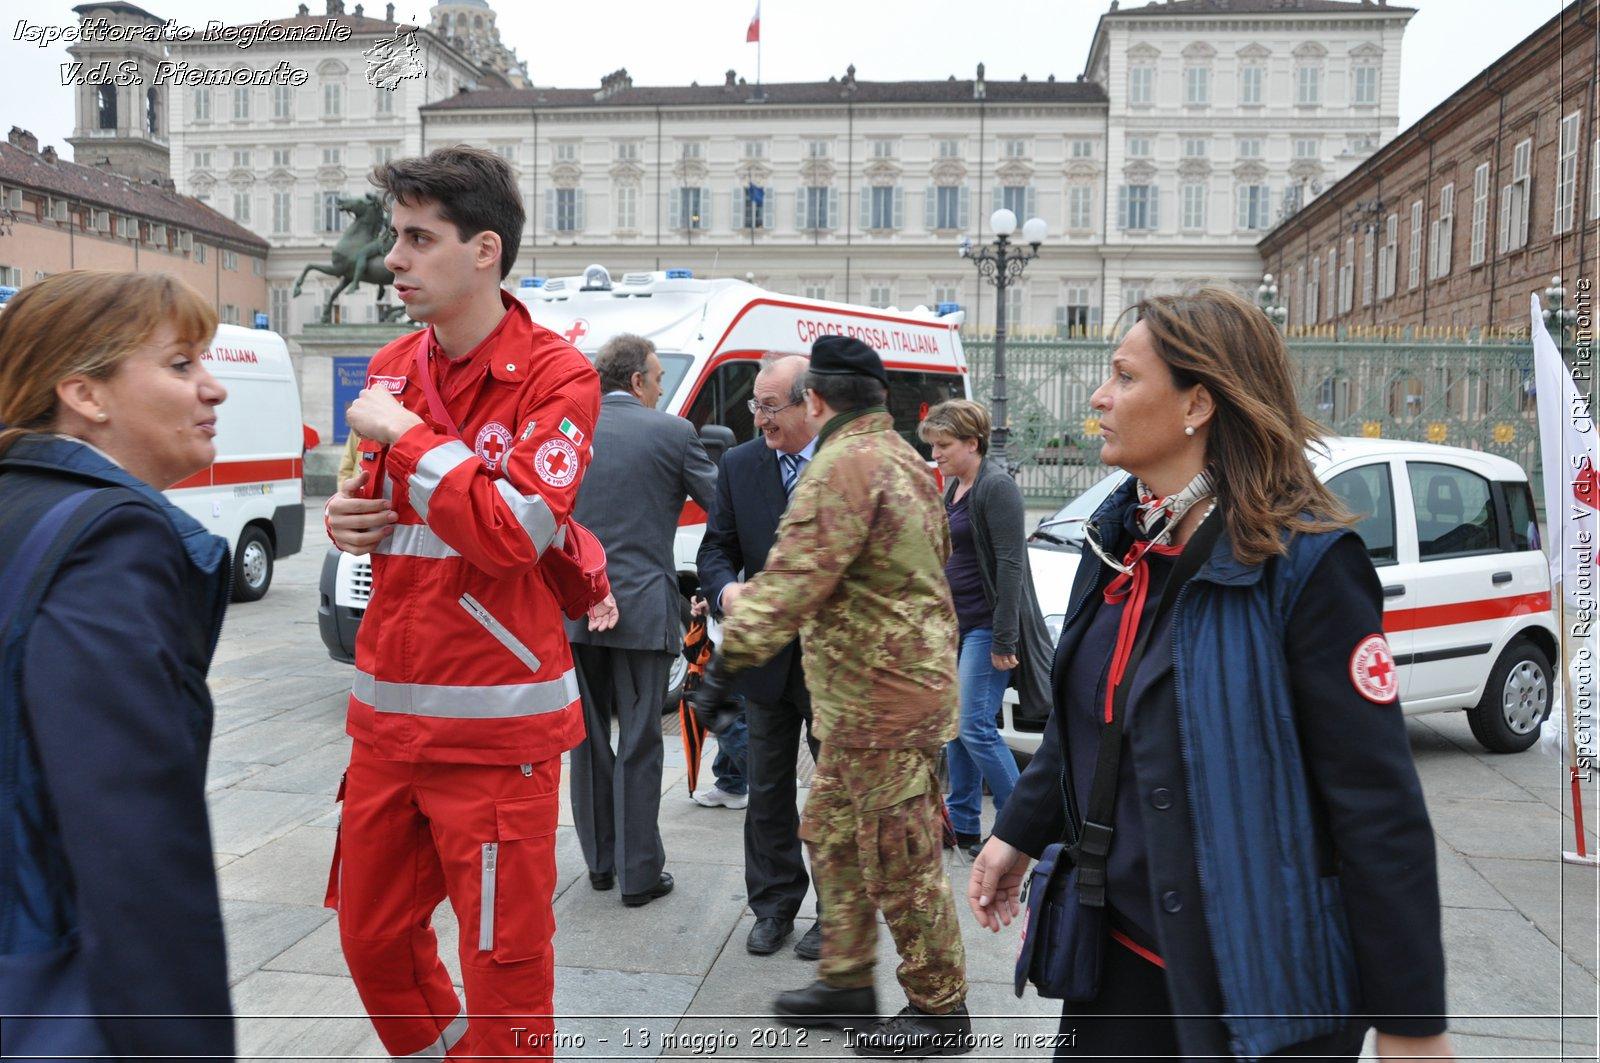 Elicottero Croce Rossa Italiana : Torino maggio inaugurazione mezzi croce